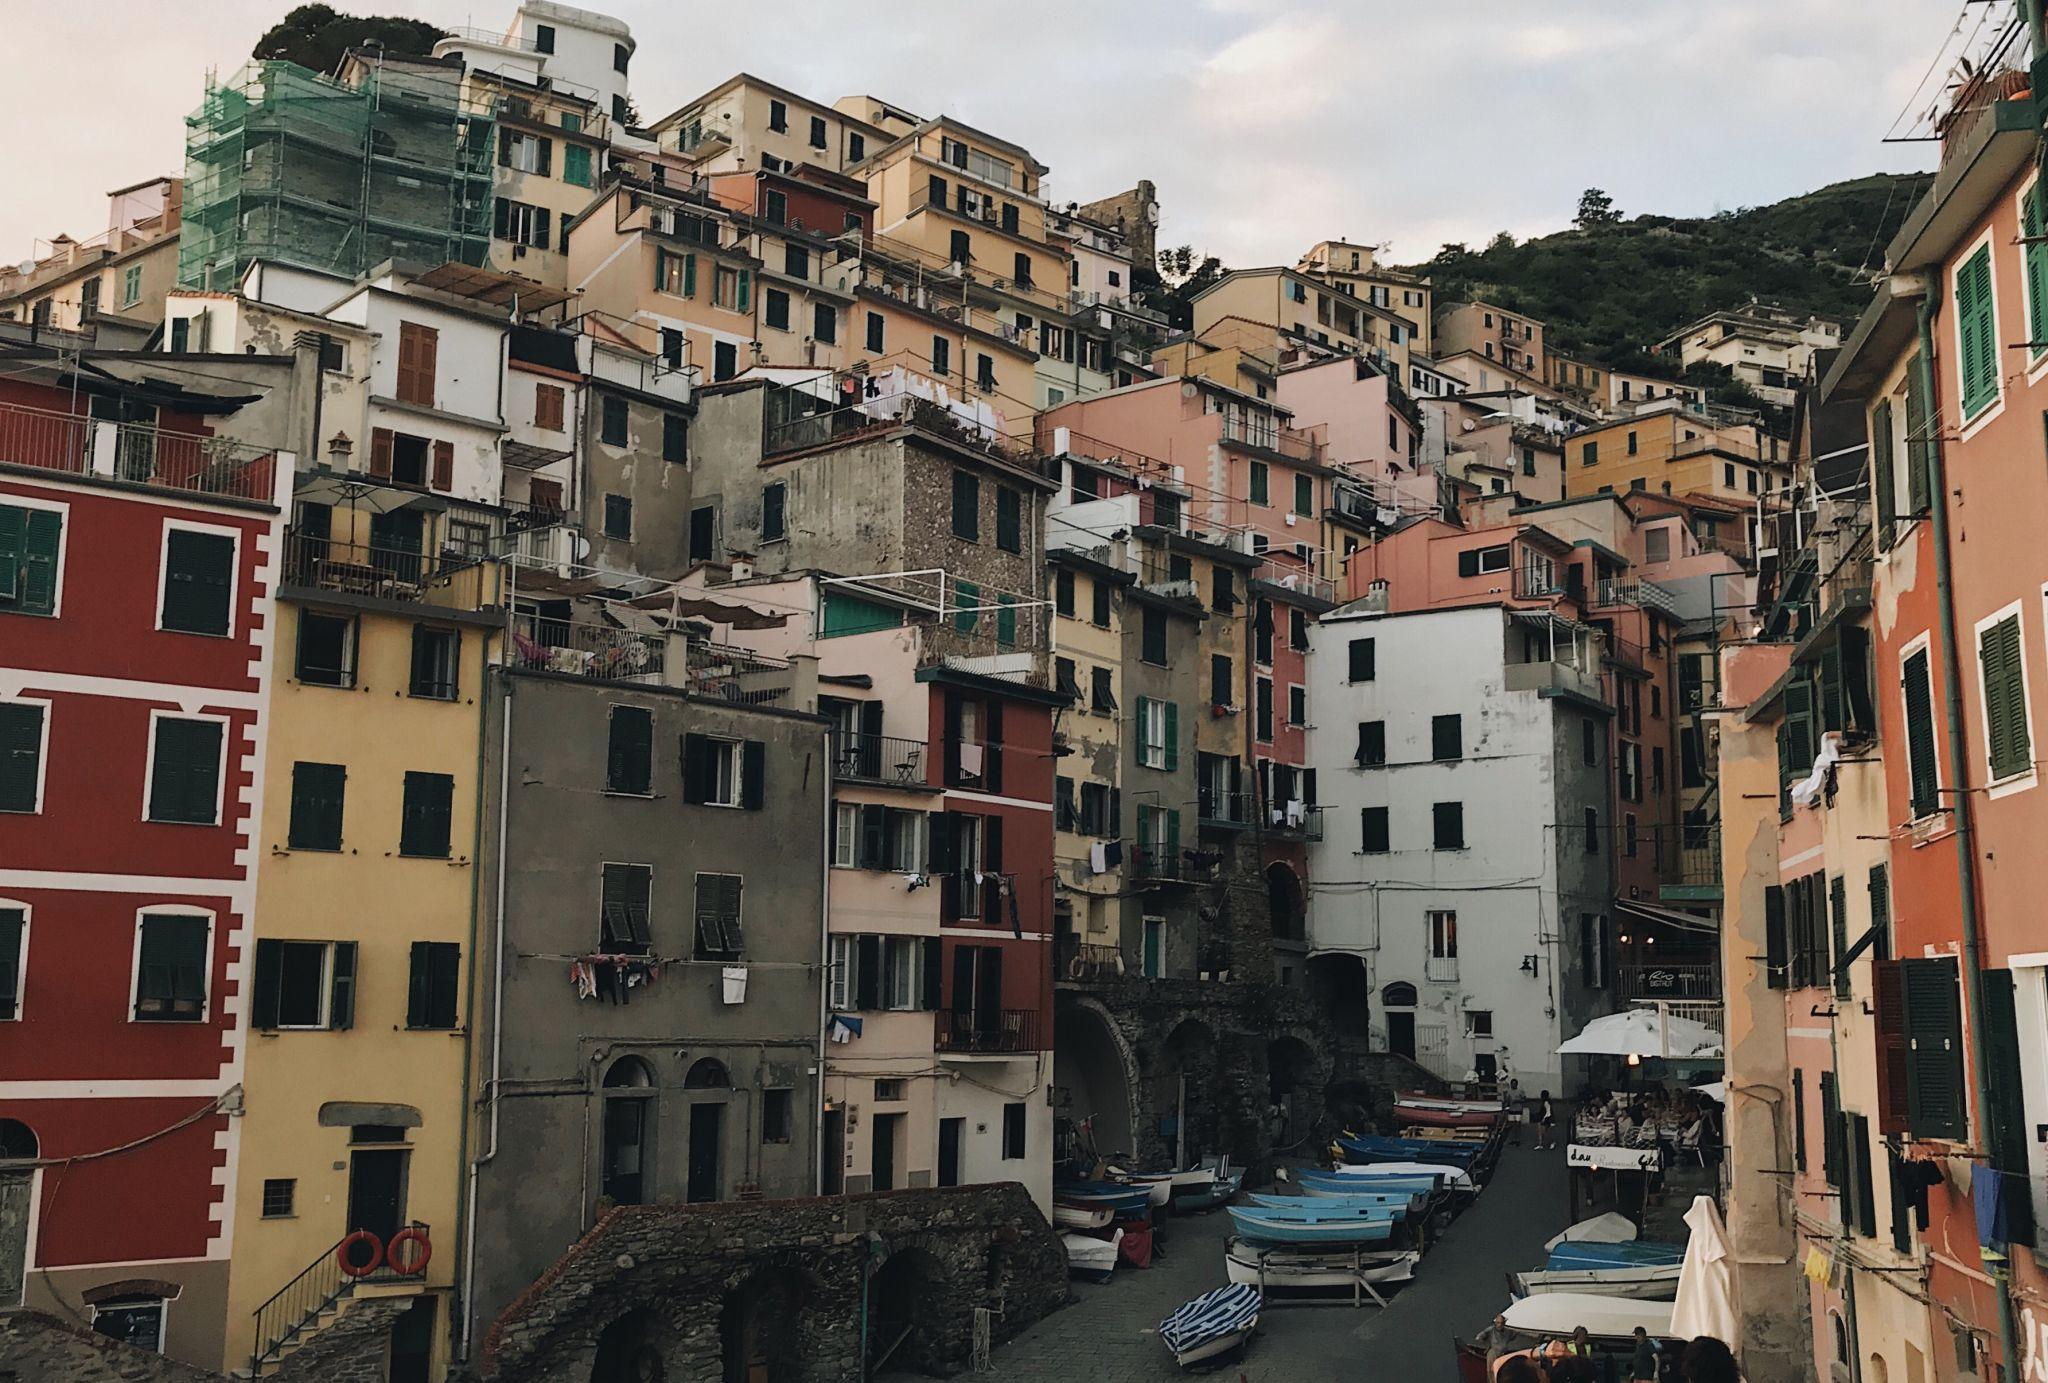 Riomaggiore Cinque Terre: